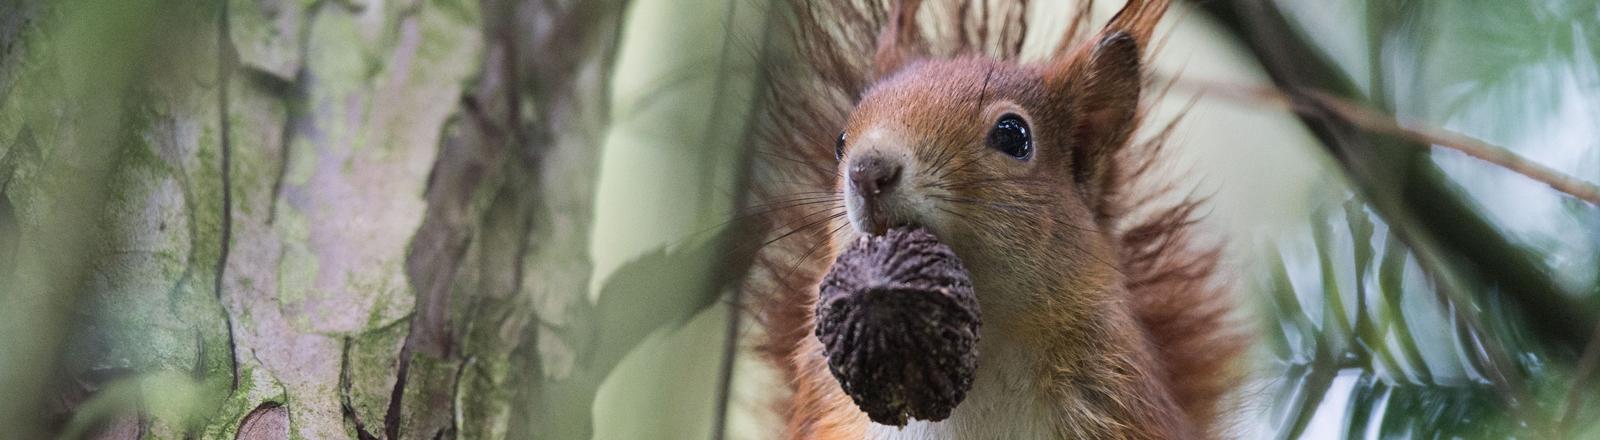 Ein Eichhörnchen mit einem Zapfen im Maul